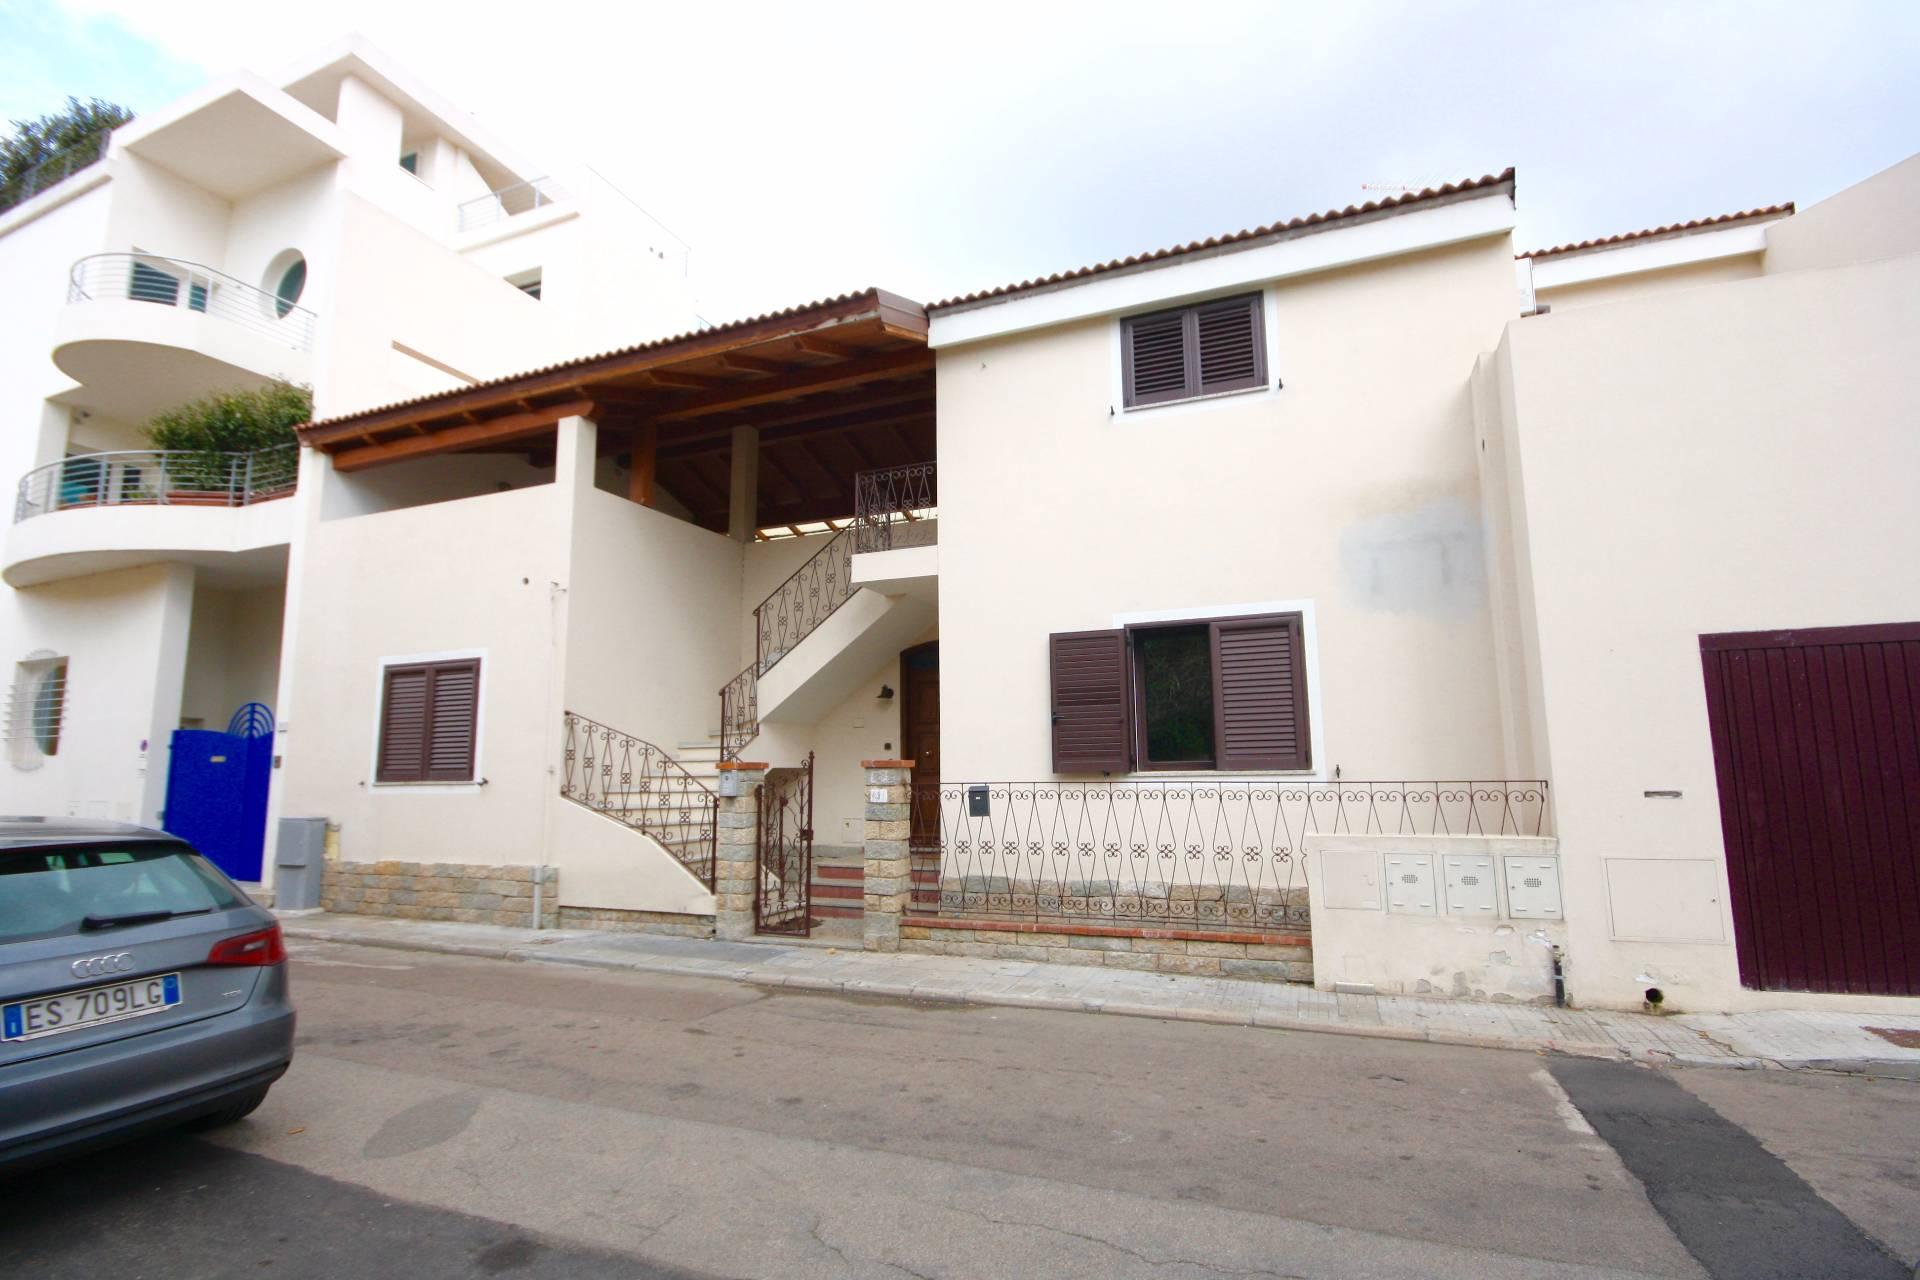 Appartamento in affitto a Olbia - Porto Rotondo, 5 locali, zona Località: Olbiacittà, prezzo € 800 | CambioCasa.it